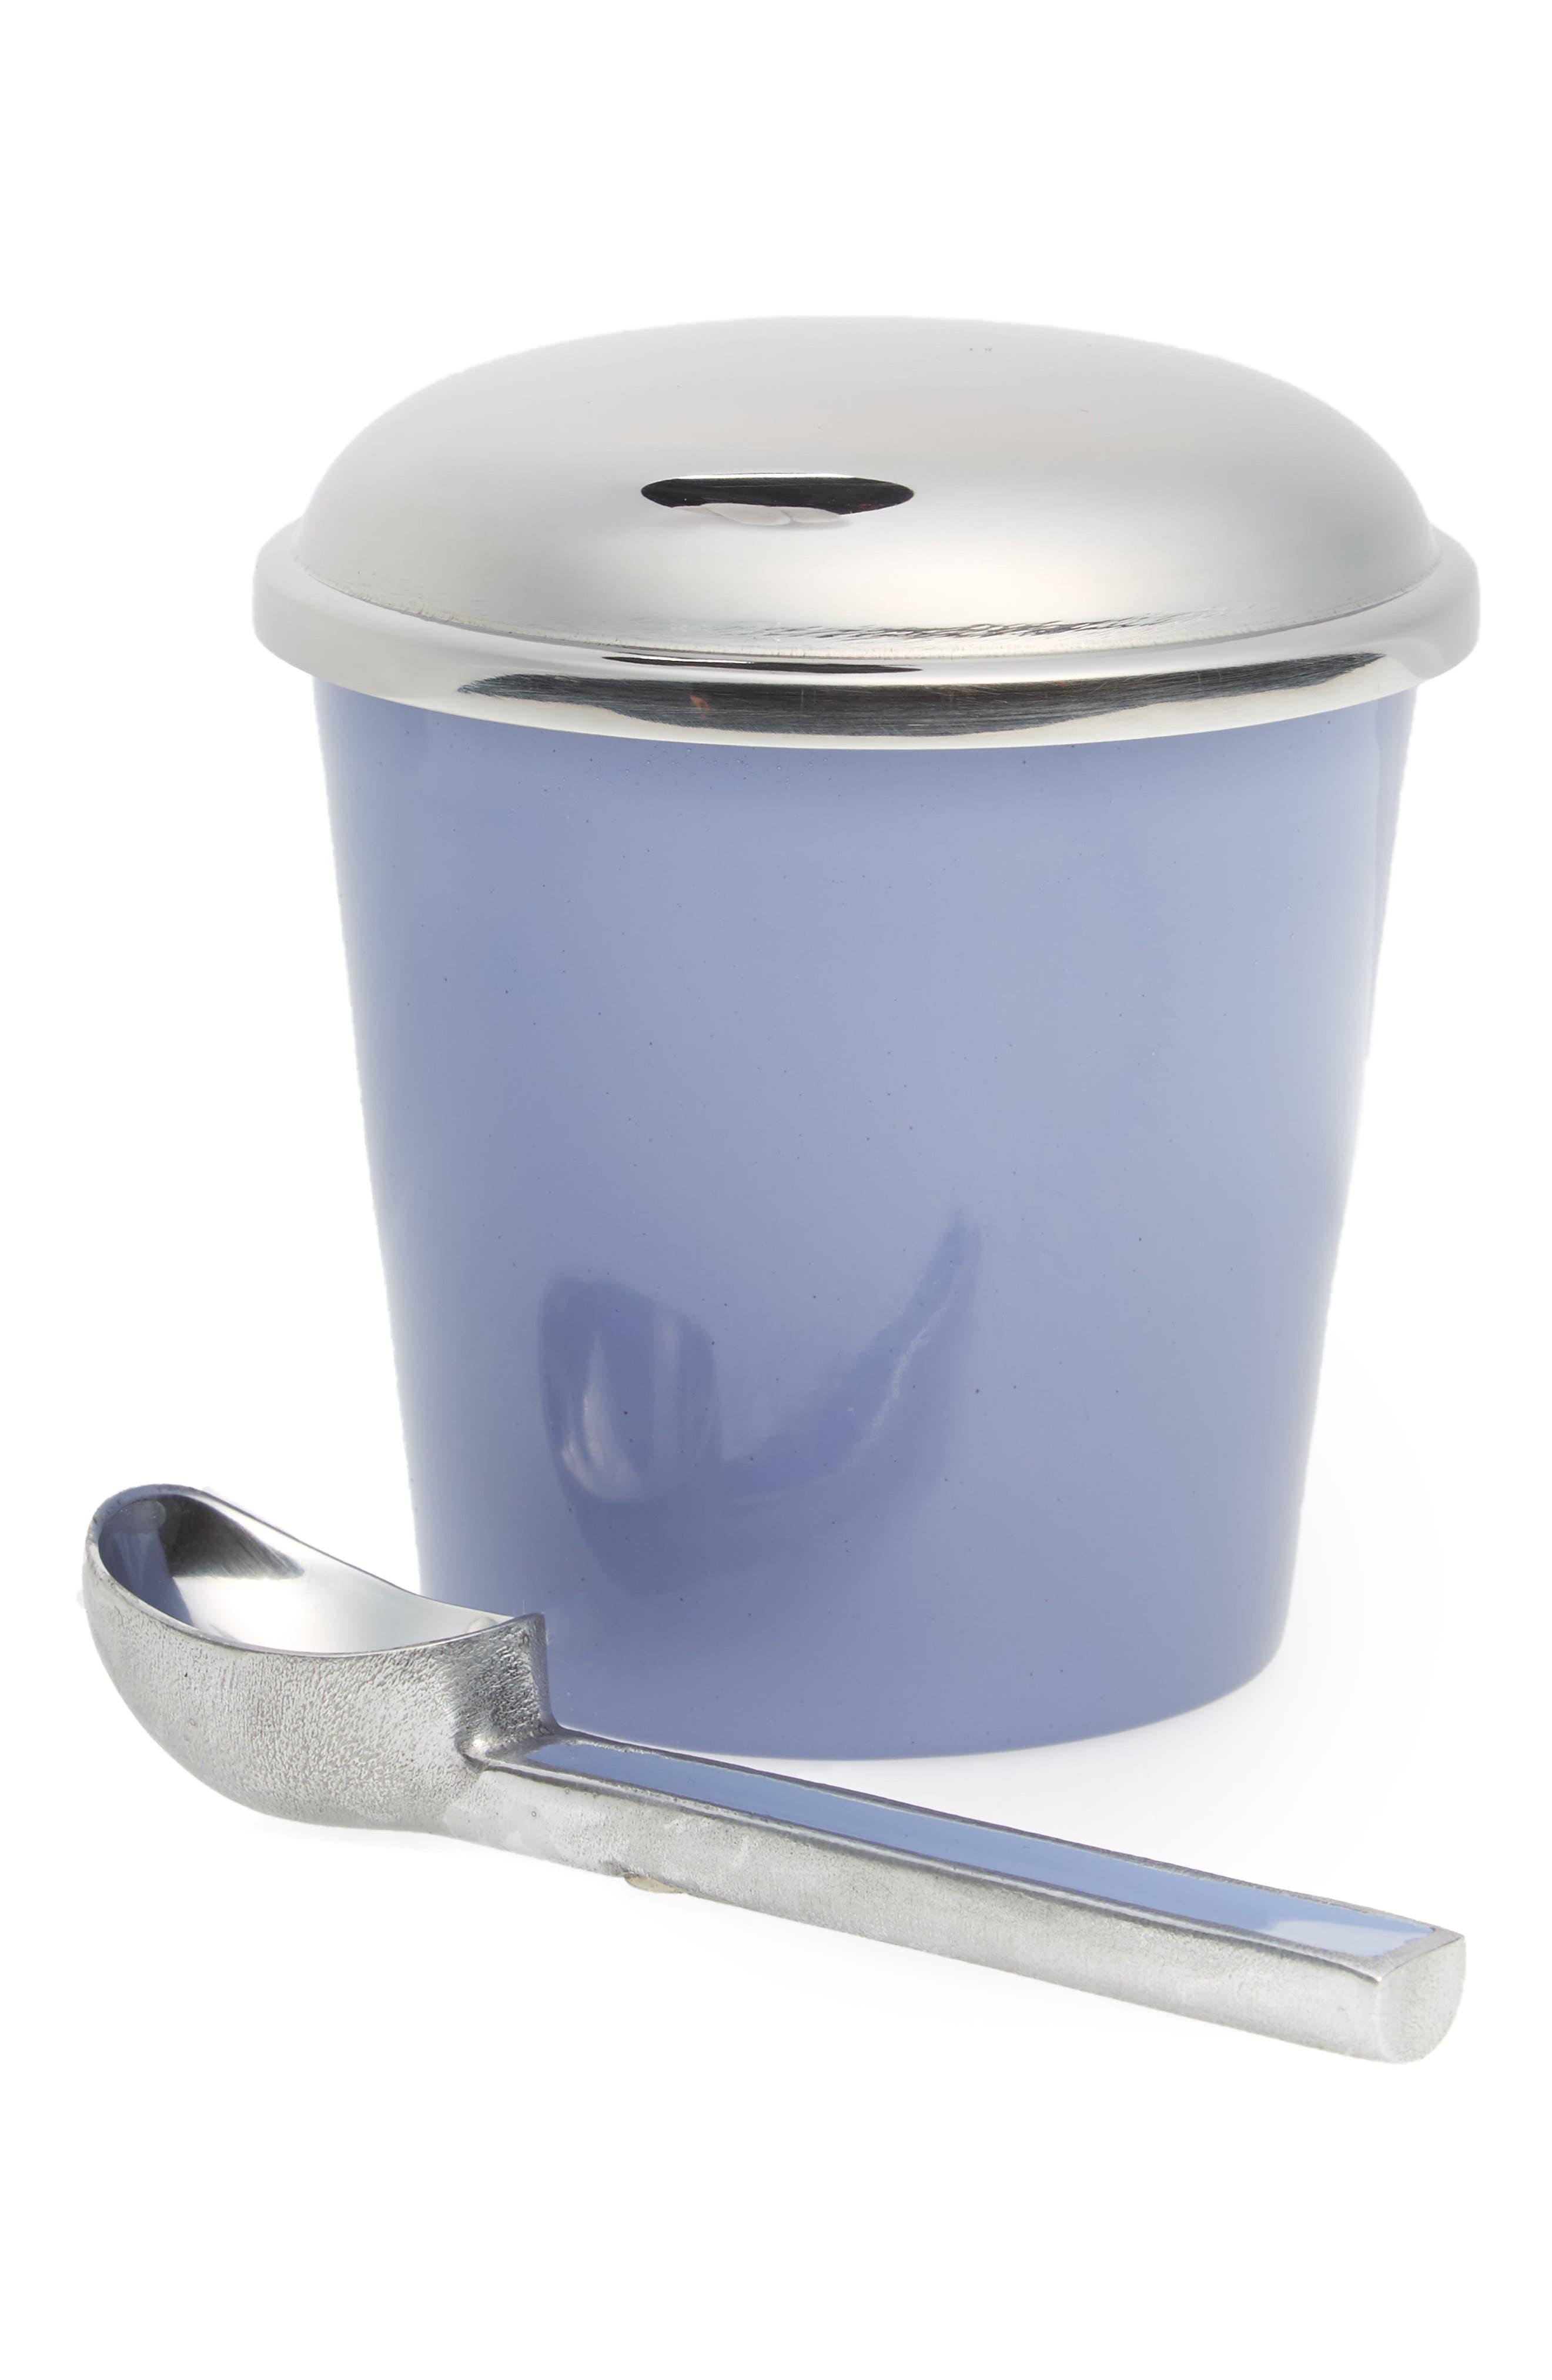 Main Image - Marigold Artisans Ice Cream Container & Scoop Set